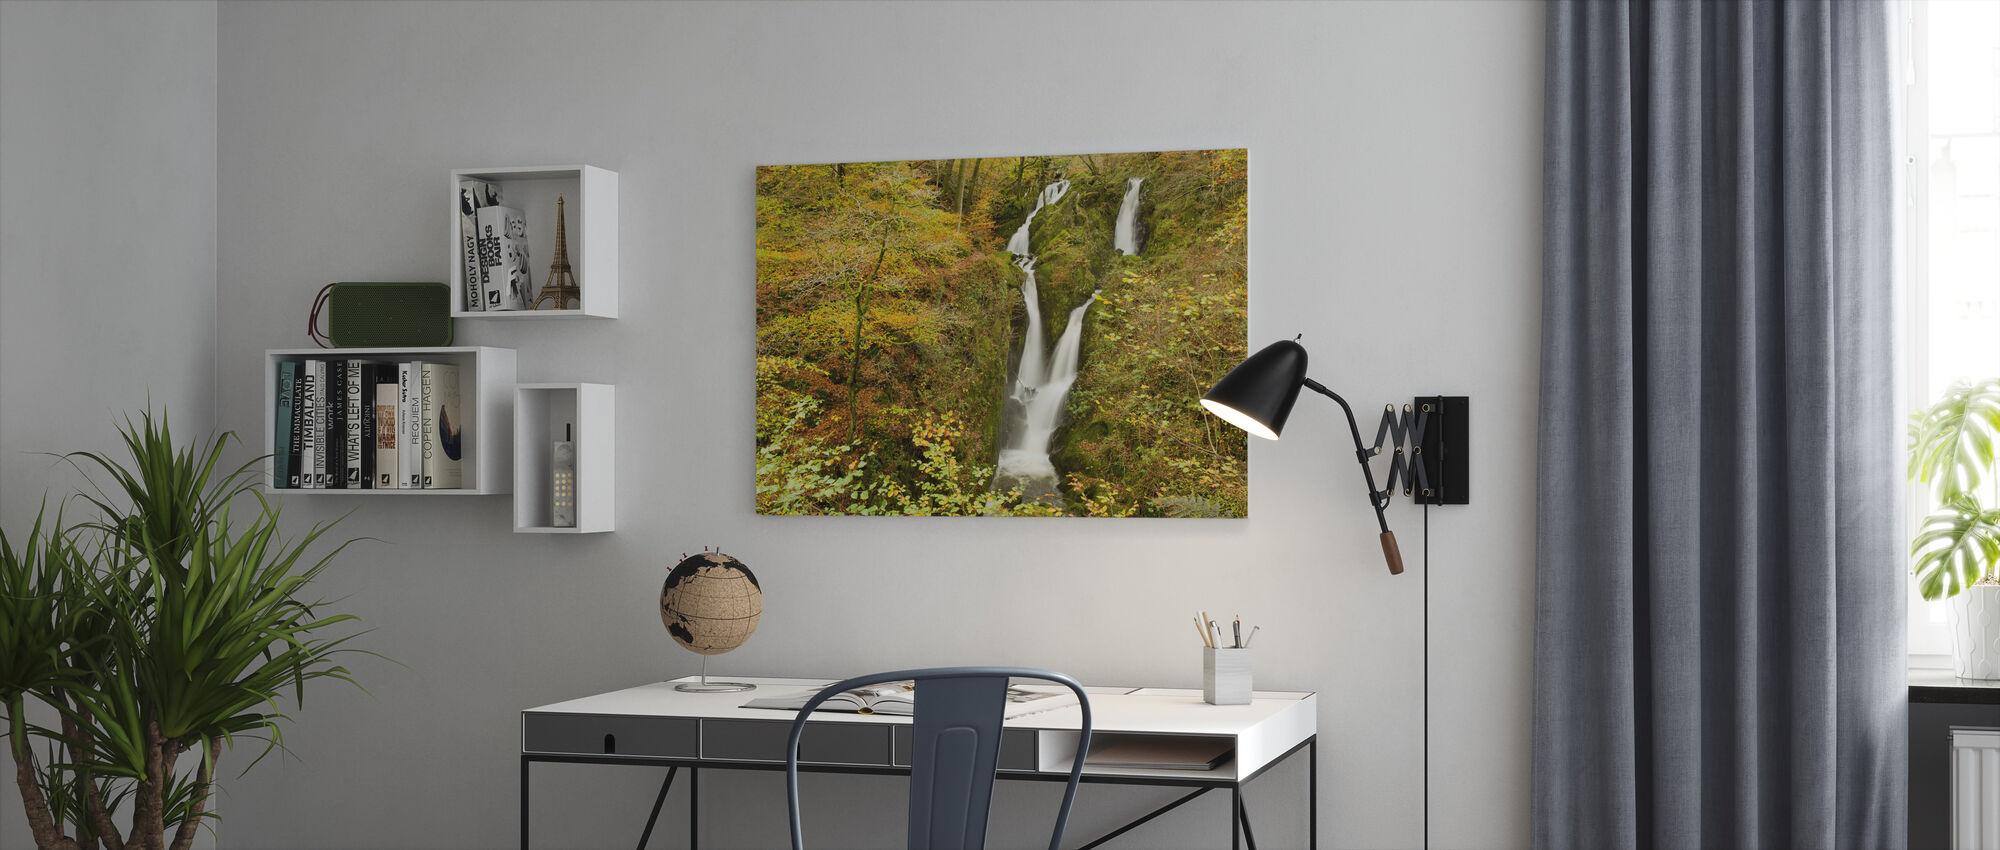 Stock Ghyllin vesiputous syksyllä - Canvastaulu - Toimisto